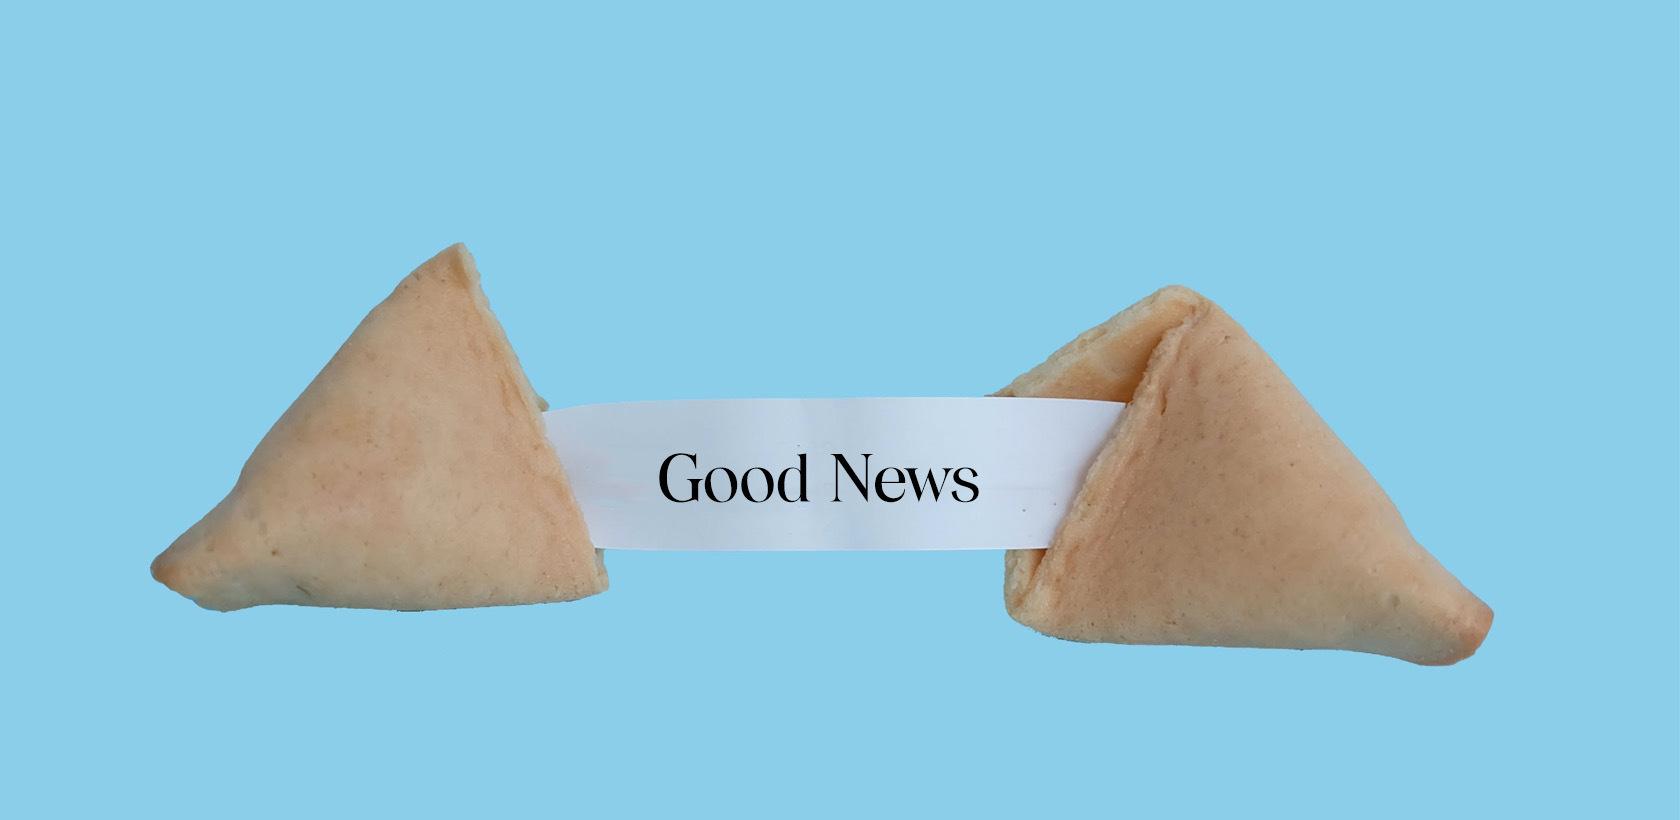 2020: Das Jahr in guten Nachrichten